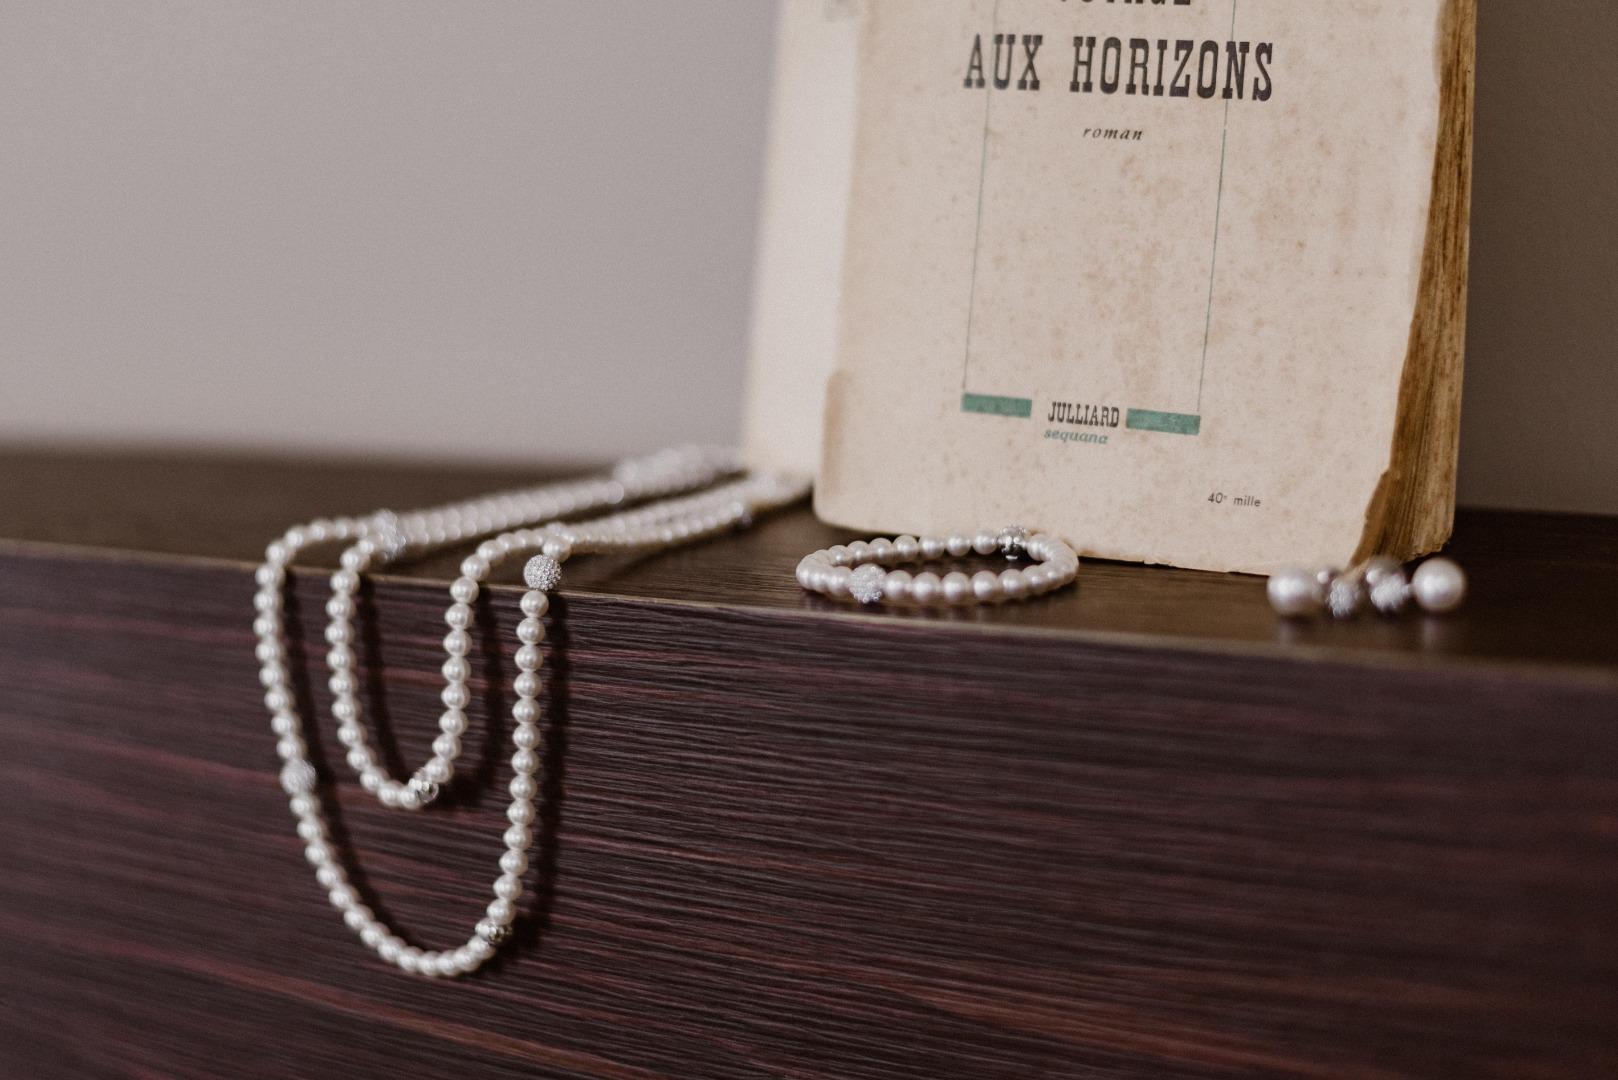 Décoration vintage collier de perles La Dolce Vita organisation mariage Toulouse.jpg